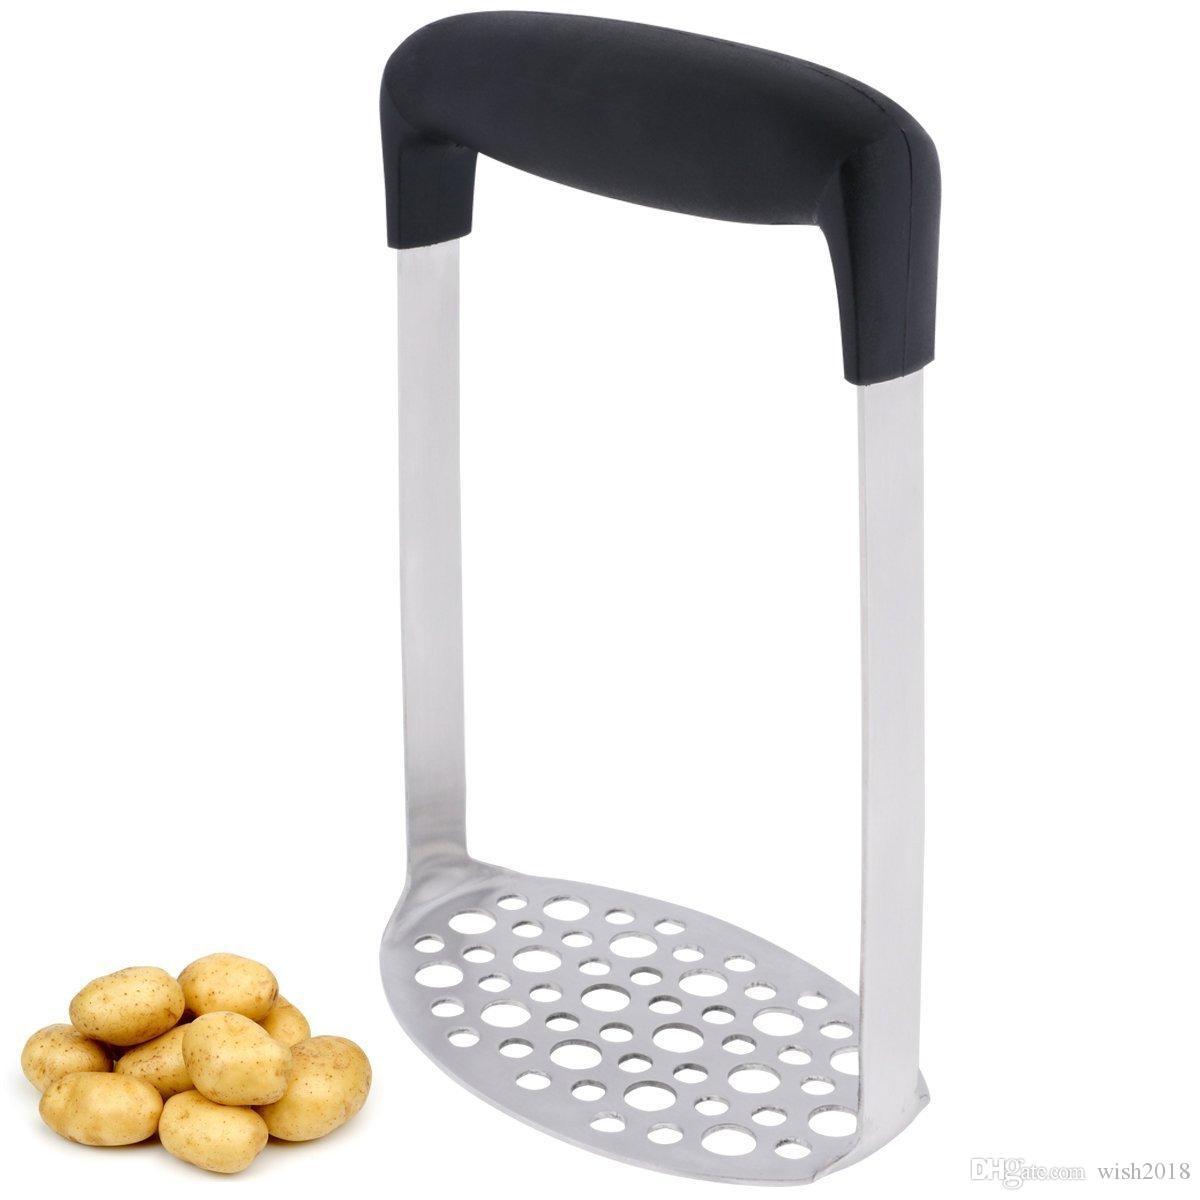 Máquina trituradora de patatas de acero inoxidable con mango ancho y ergonómico horizontal para puré de papas suave